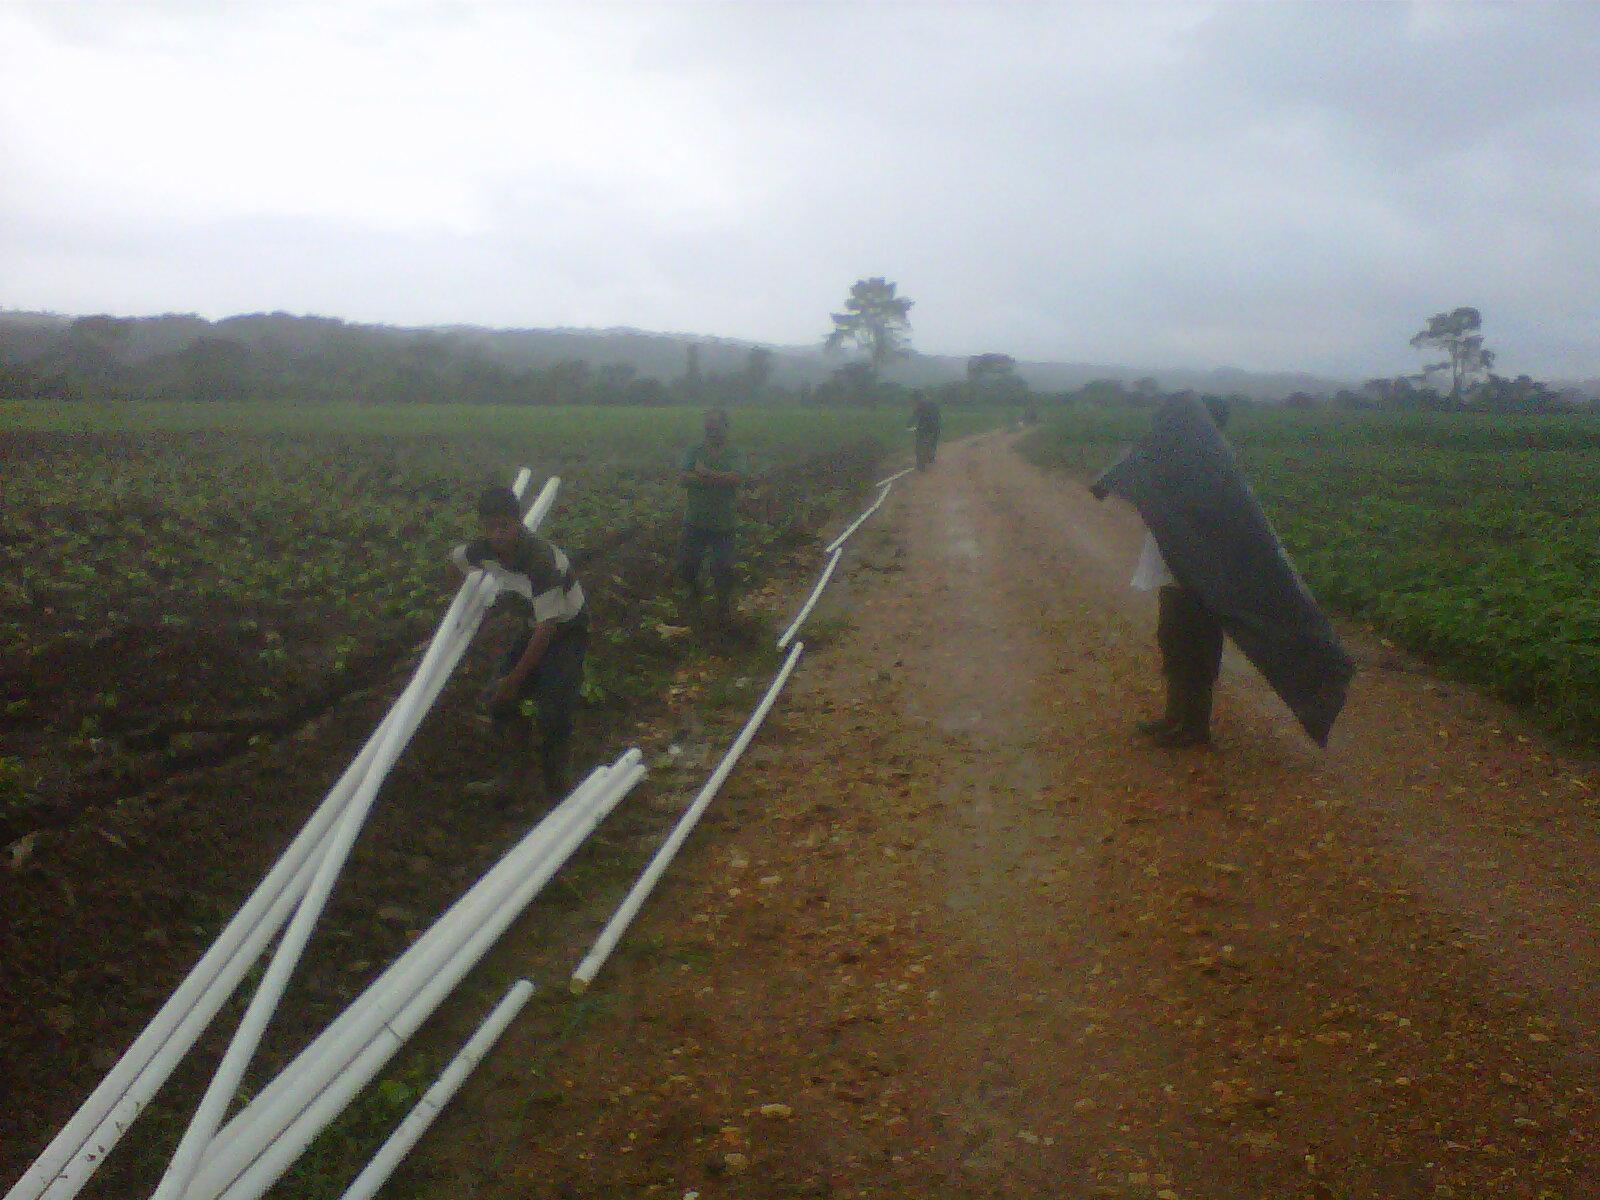 Bombas y riegos de guatemala sistema de riego por goteo y - Sistema de riego por goteo automatizado ...